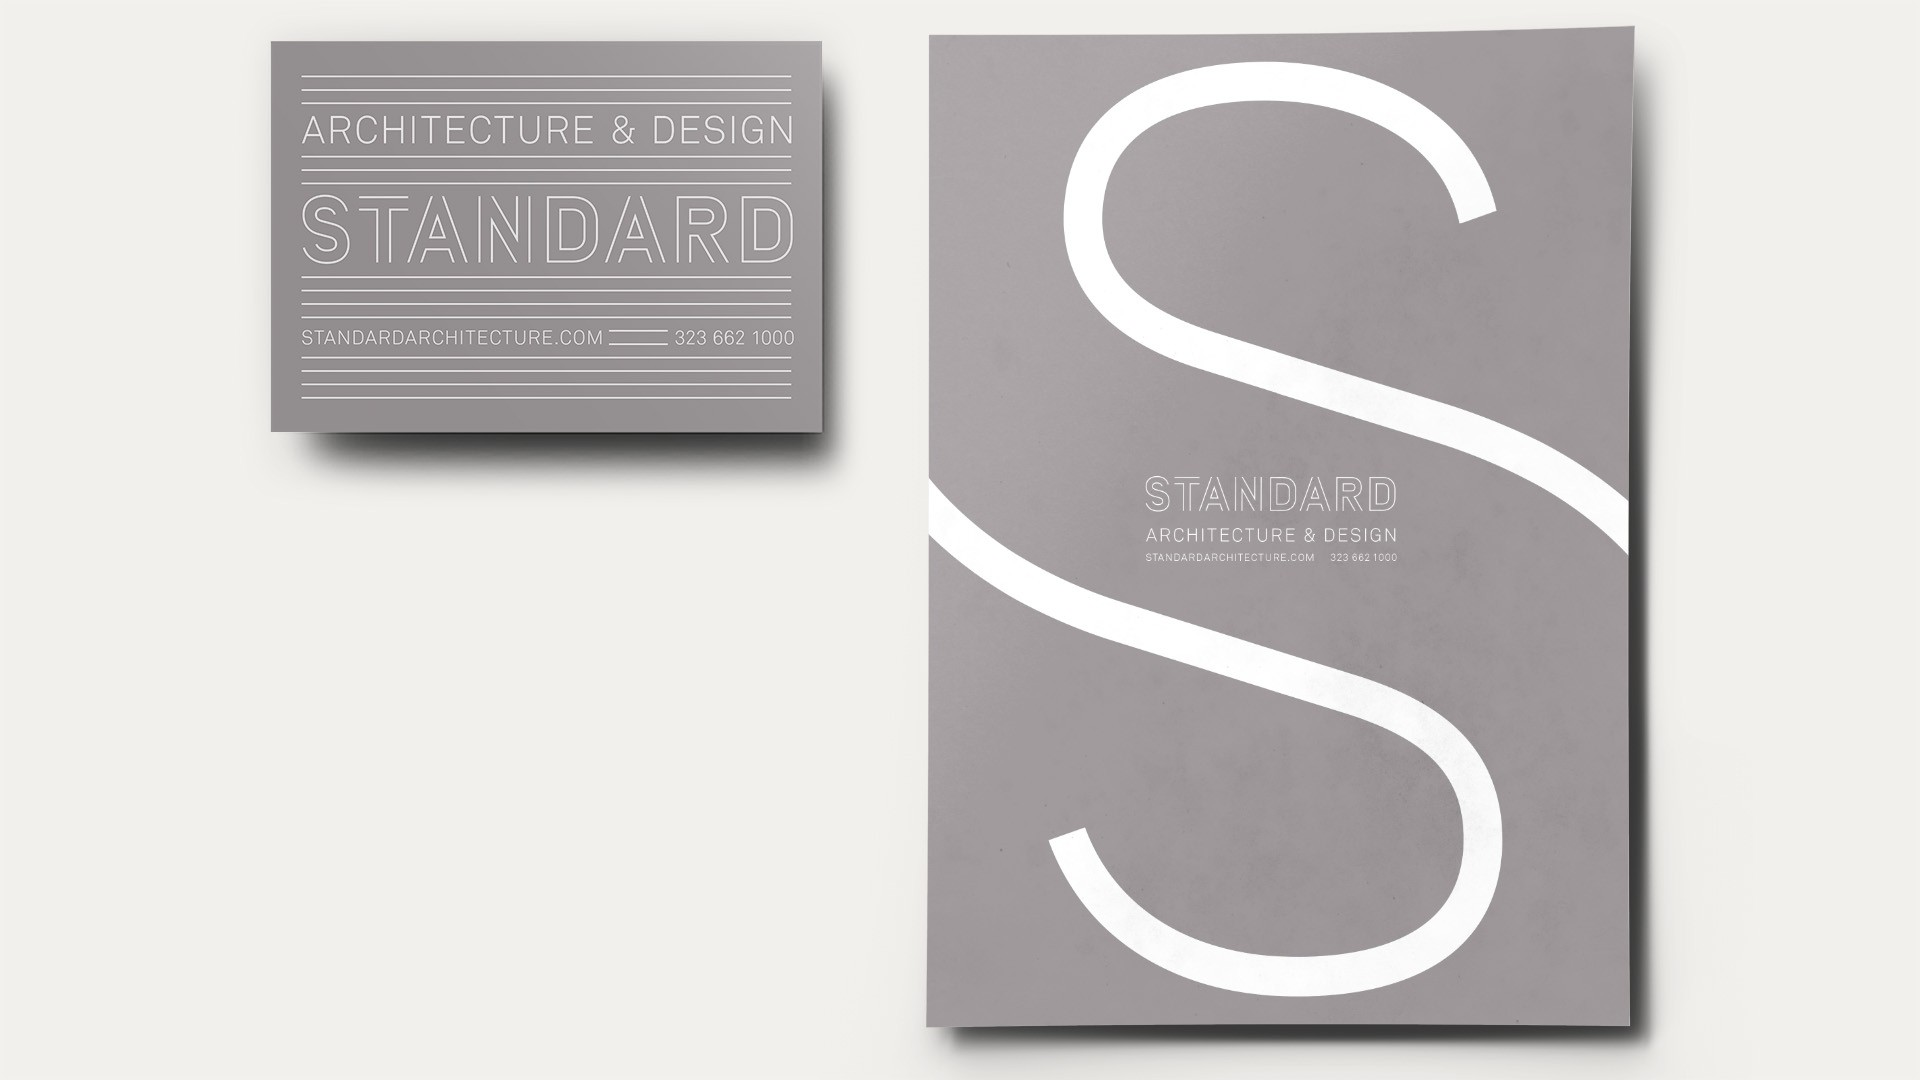 Standard Architecture Letterhead